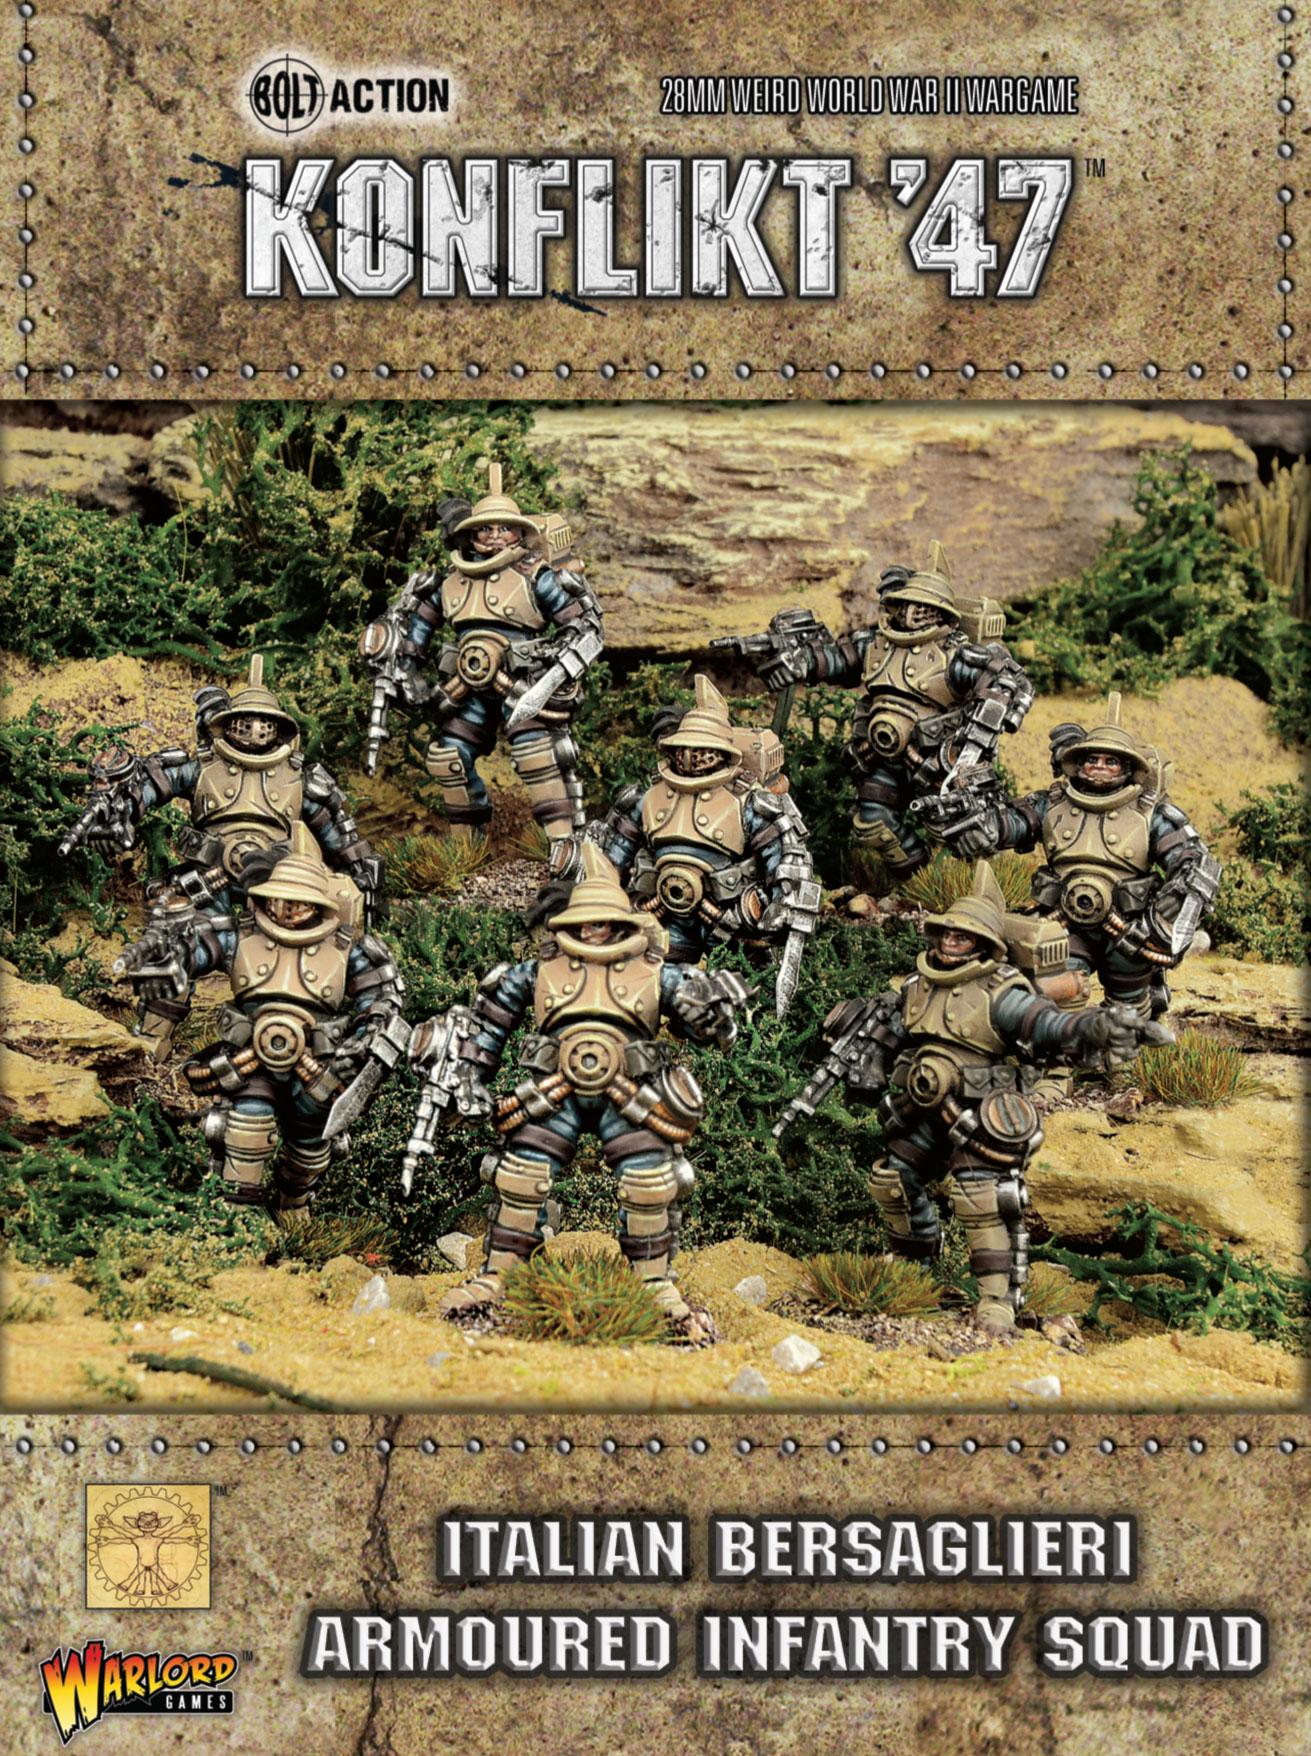 New Konflikt '47 Italian Bersaglieri Armoured Infantry Squad